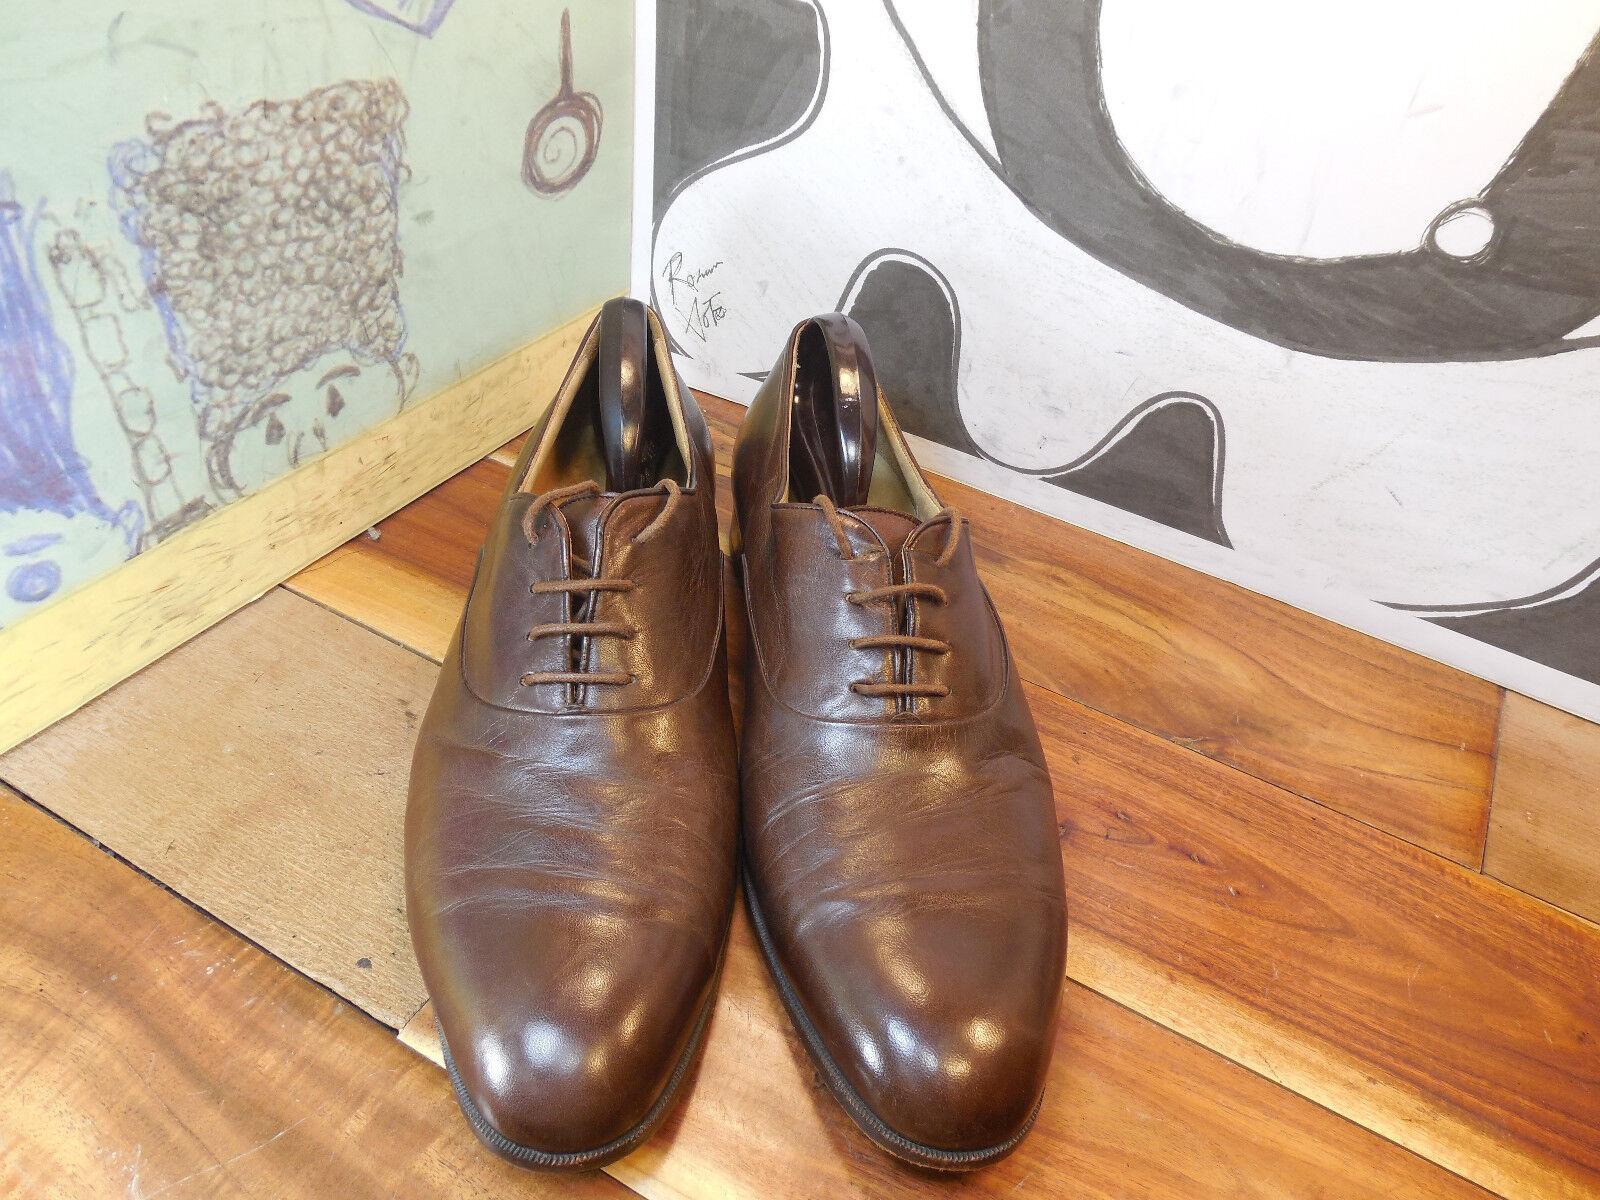 basso prezzo del 40% Neiman-Marcus Marrone Leather Handmade Oxfords Uomo 13N Made Made Made in  Vintage  marche online vendita a basso costo